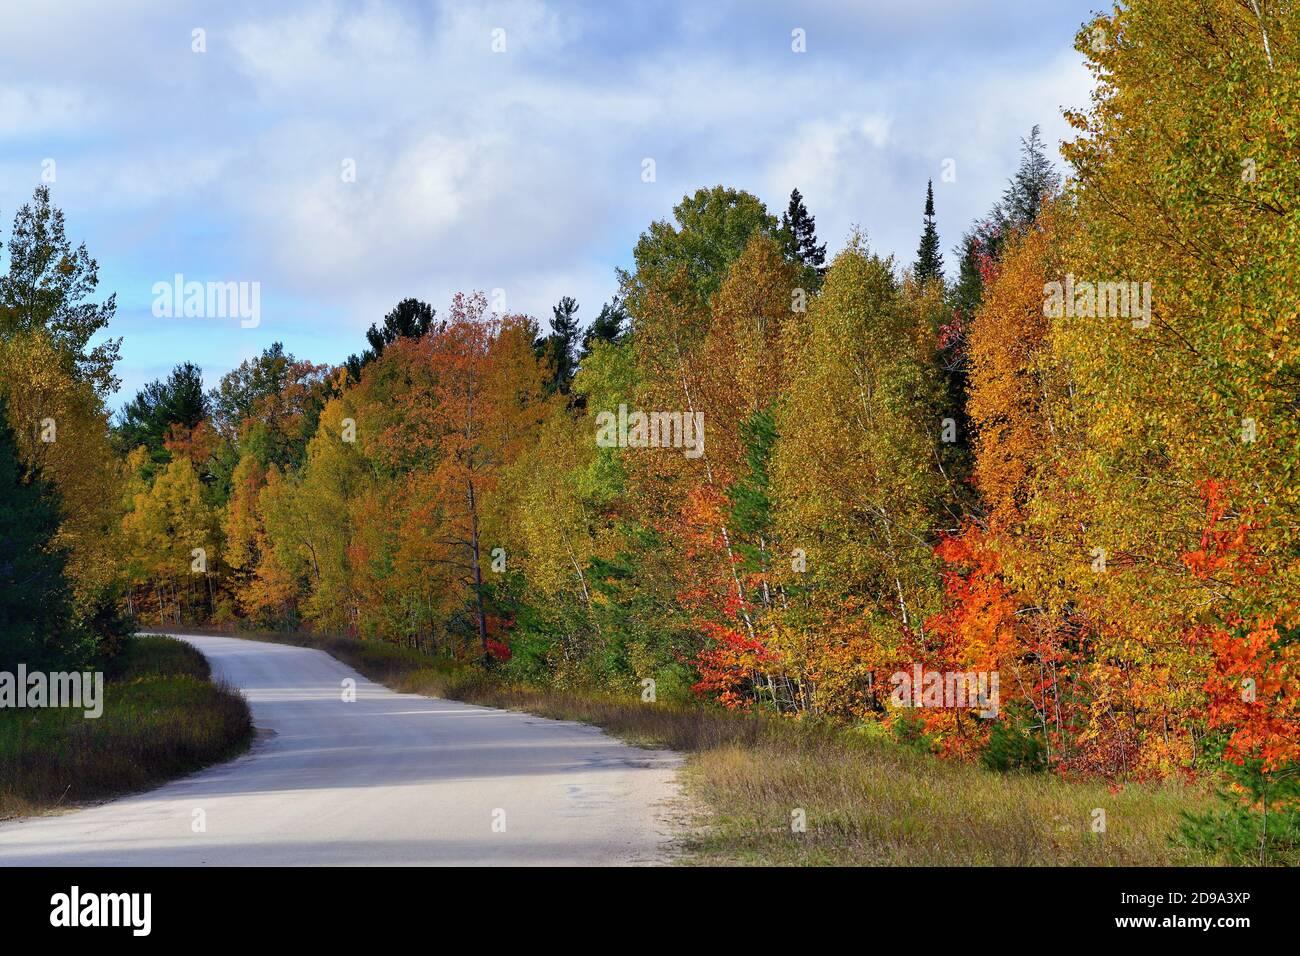 Paradise, Michigan, États-Unis. L'automne descend sur un tronçon de route vide dans la péninsule supérieure du Michigan. Banque D'Images